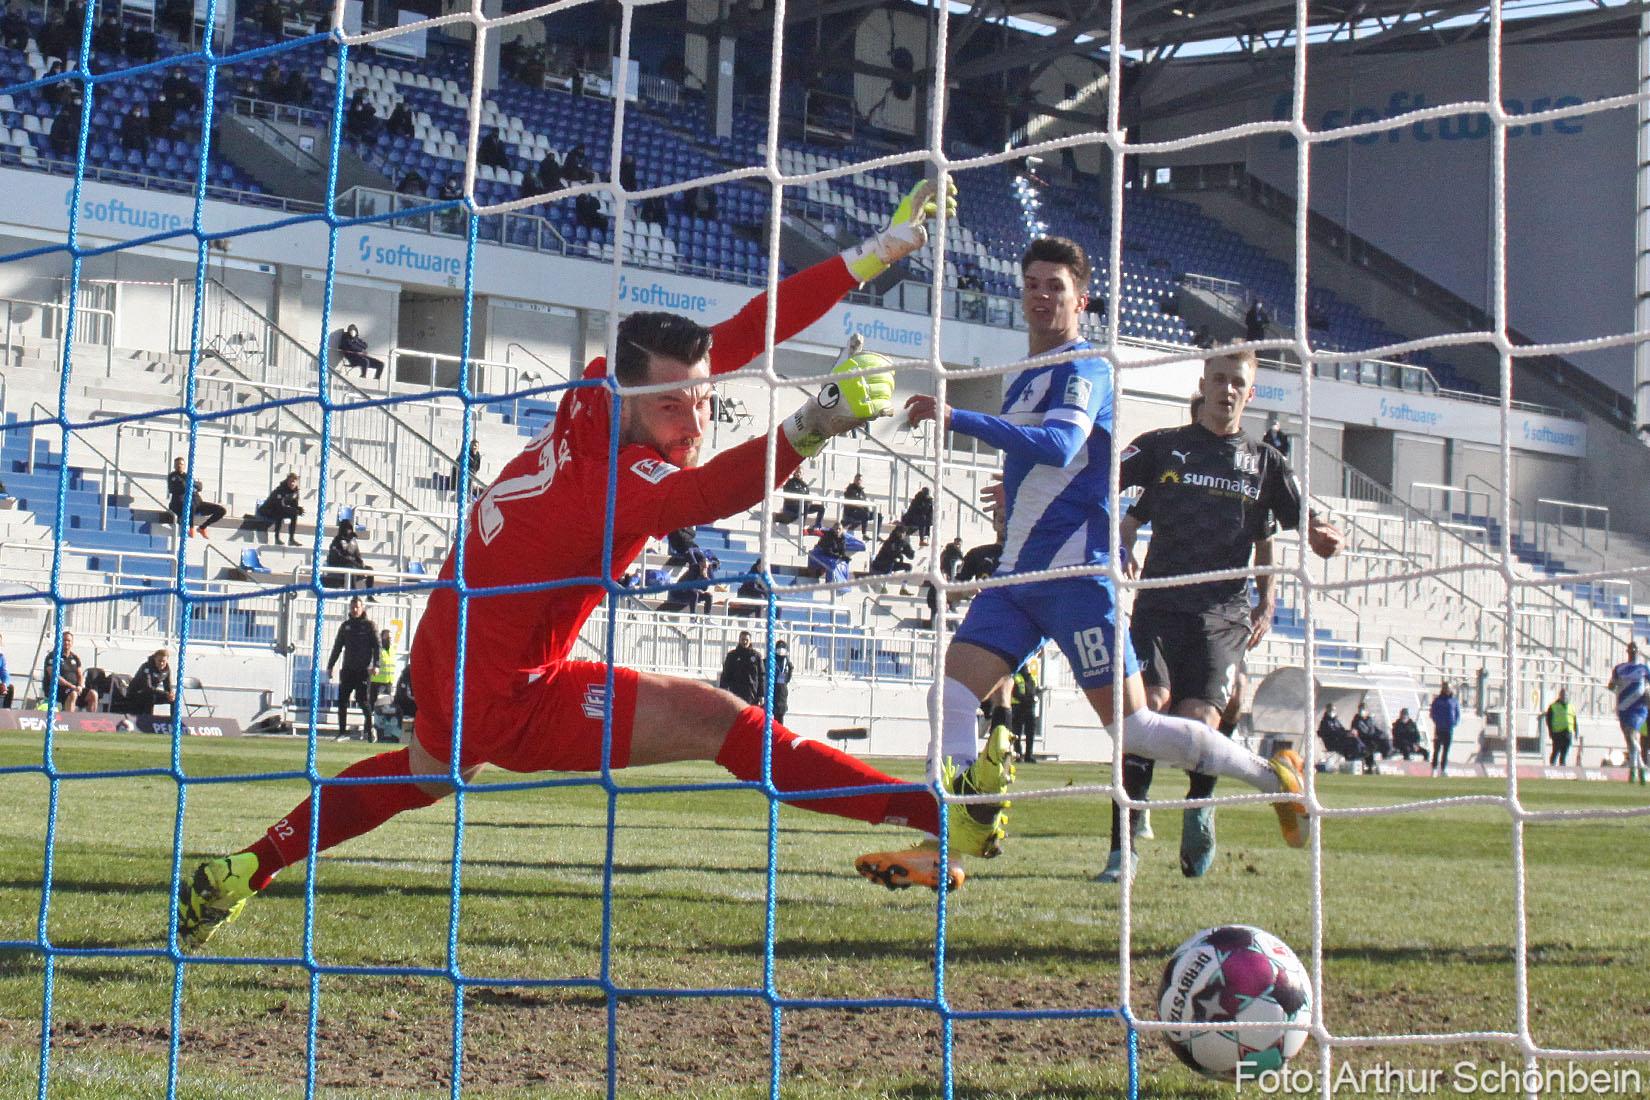 Unsere Fotos vom Spiel gegen den VfL Osnabrück